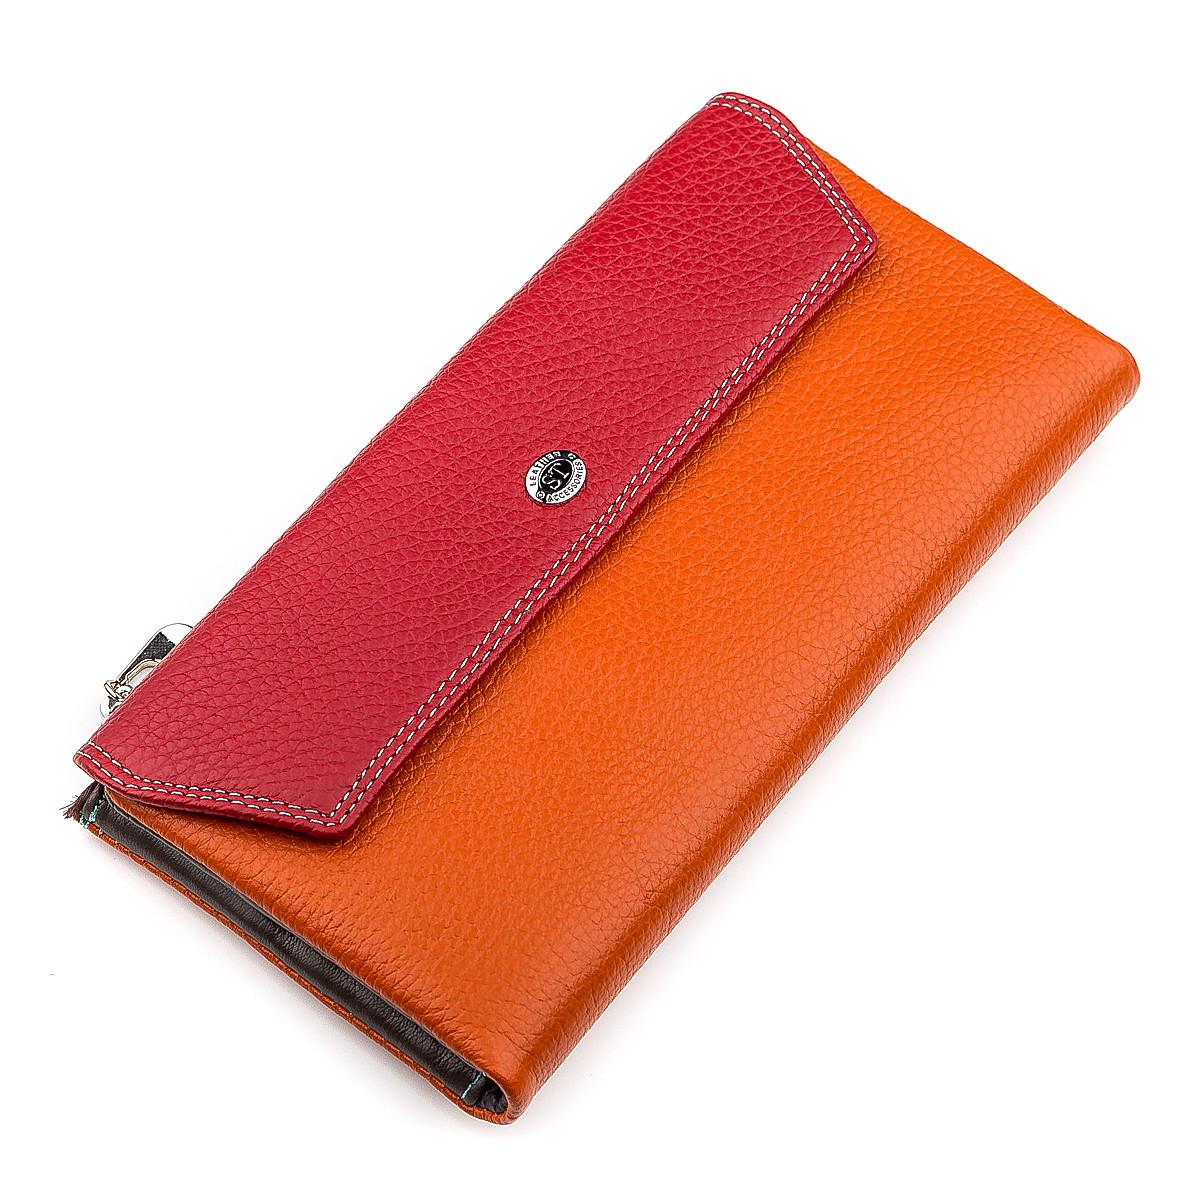 Кошелек женский ST Leather 18406 (SB42-2) многофункциональный Красный